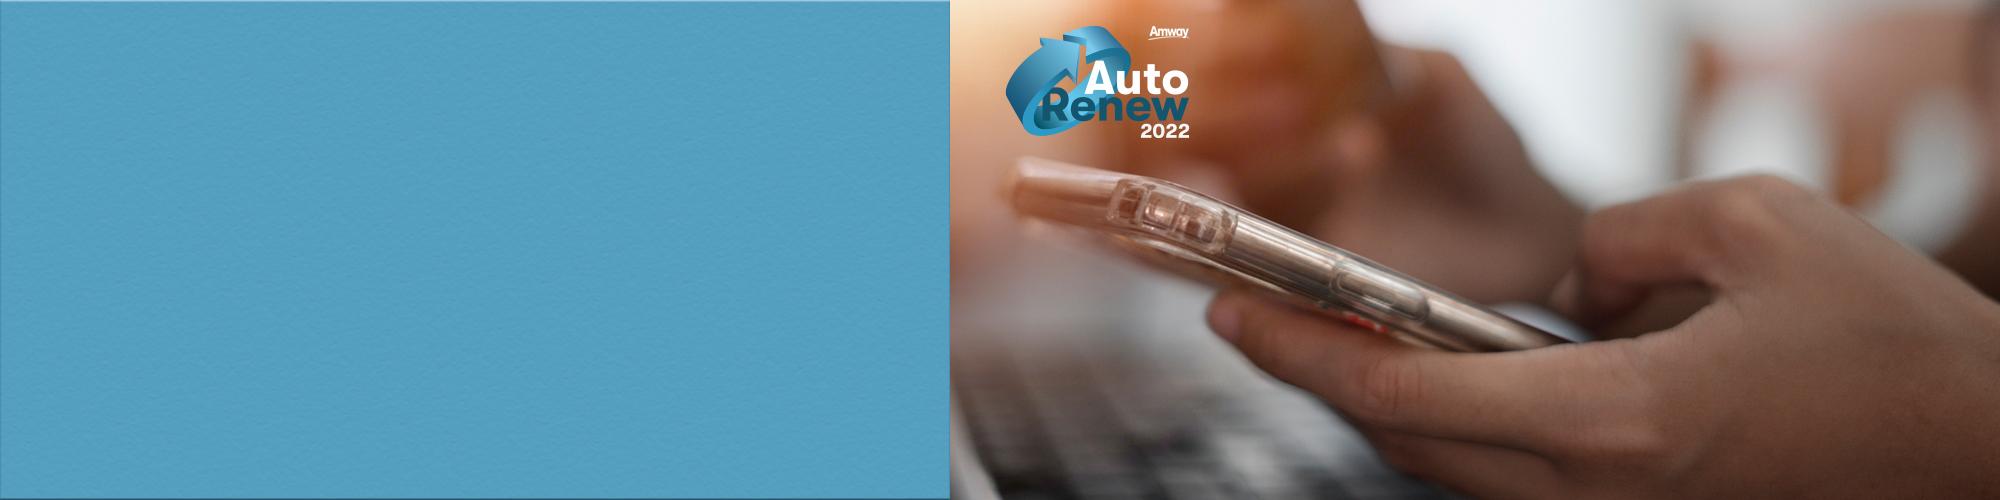 Auto Renew 2022